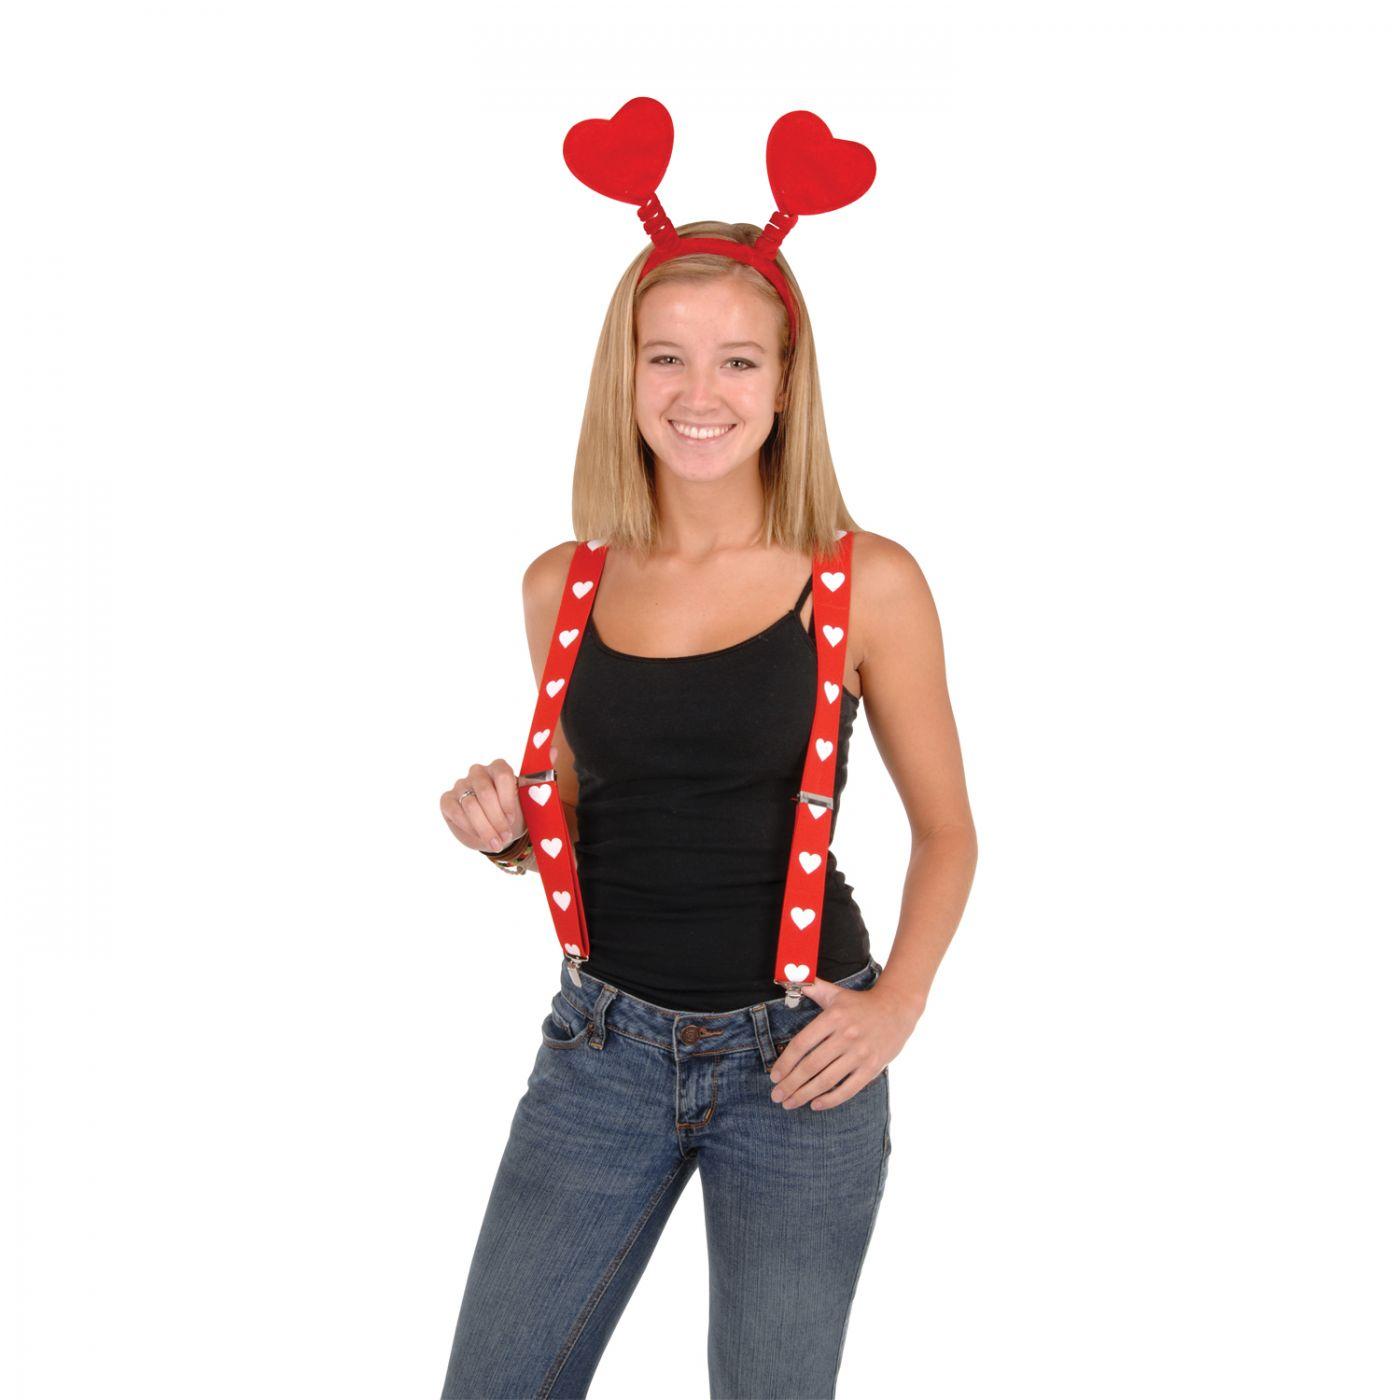 Heart Suspenders image